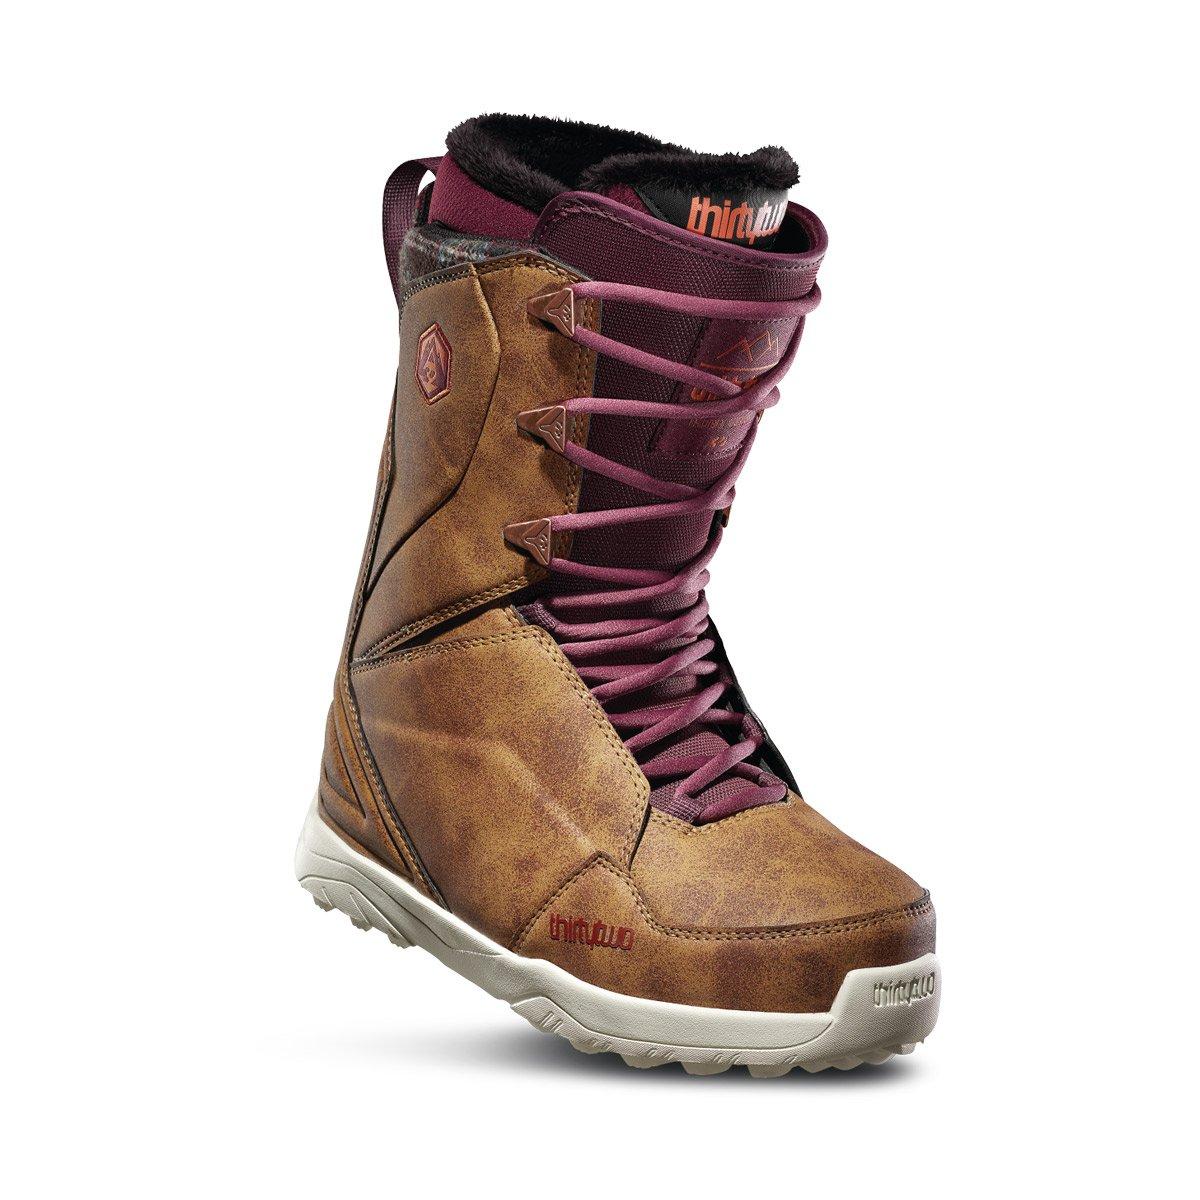 Ботинки ThirtyTwo Lashed W's Brown 2020